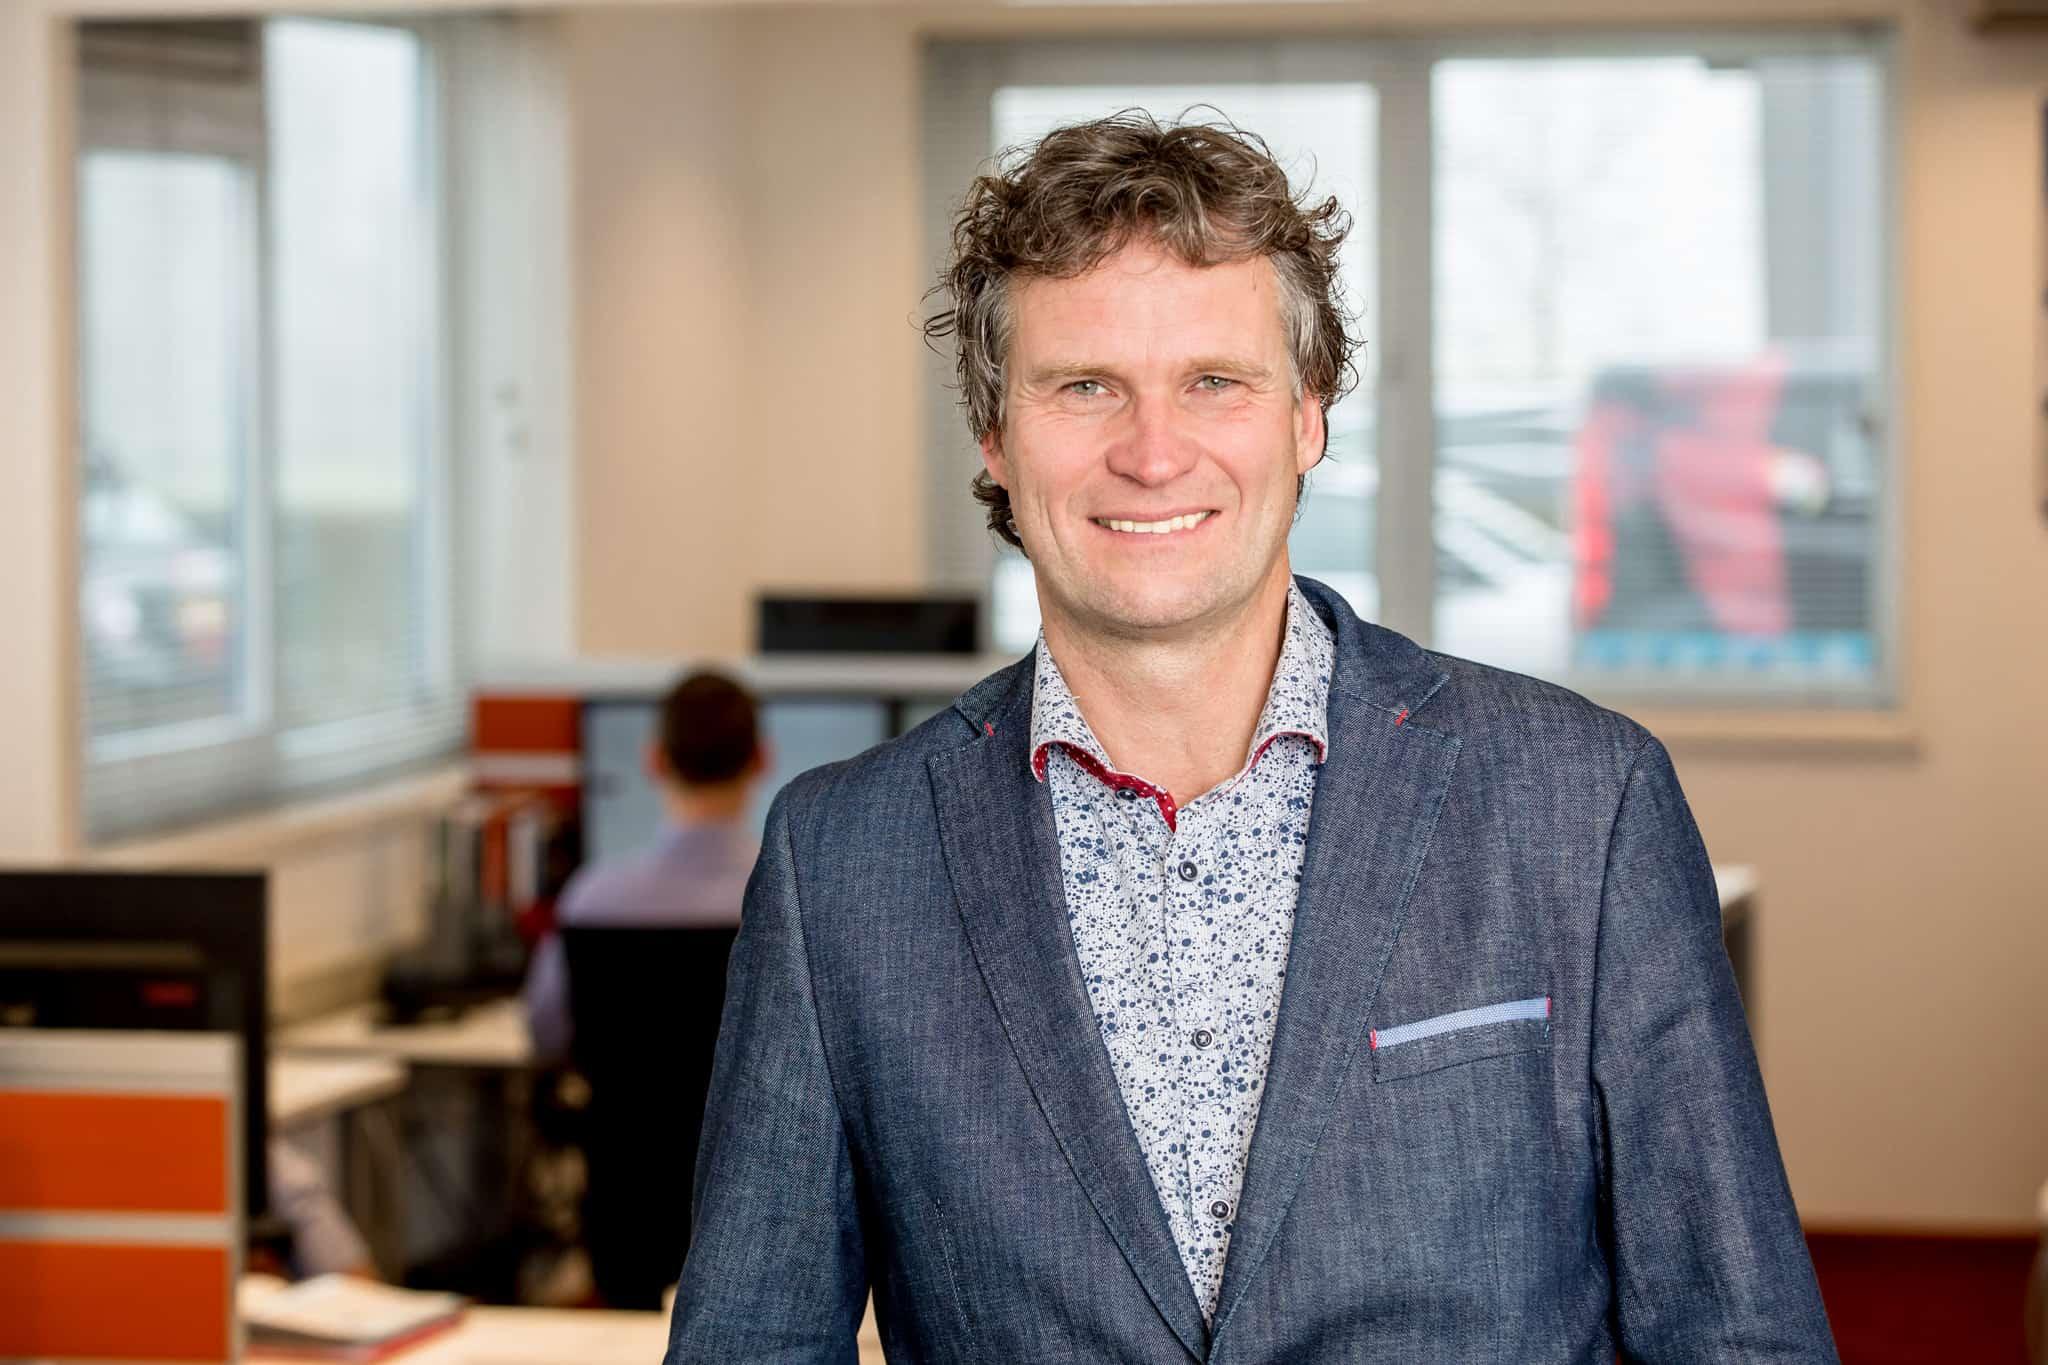 Wim van Olm